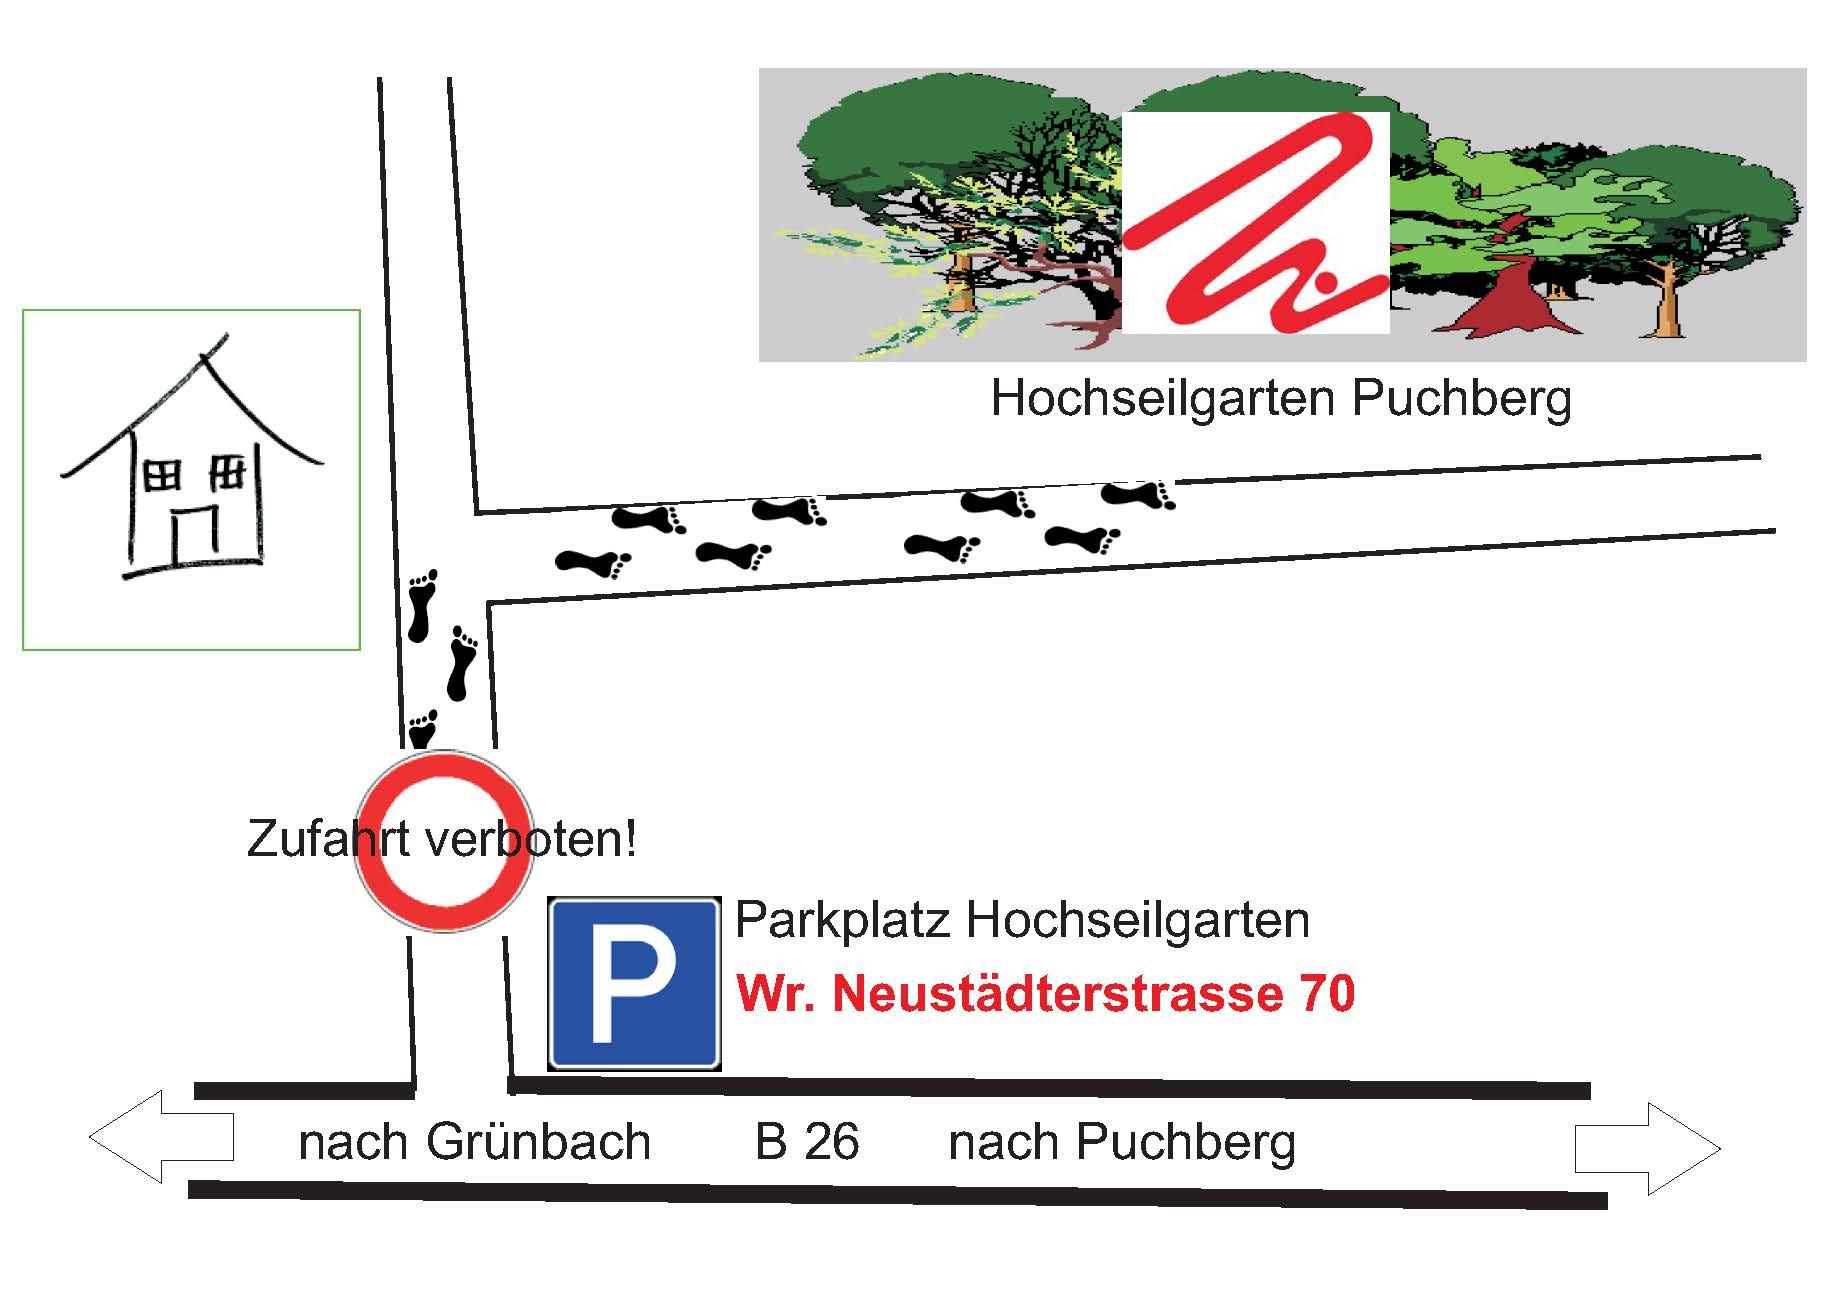 Parkplatz HSG